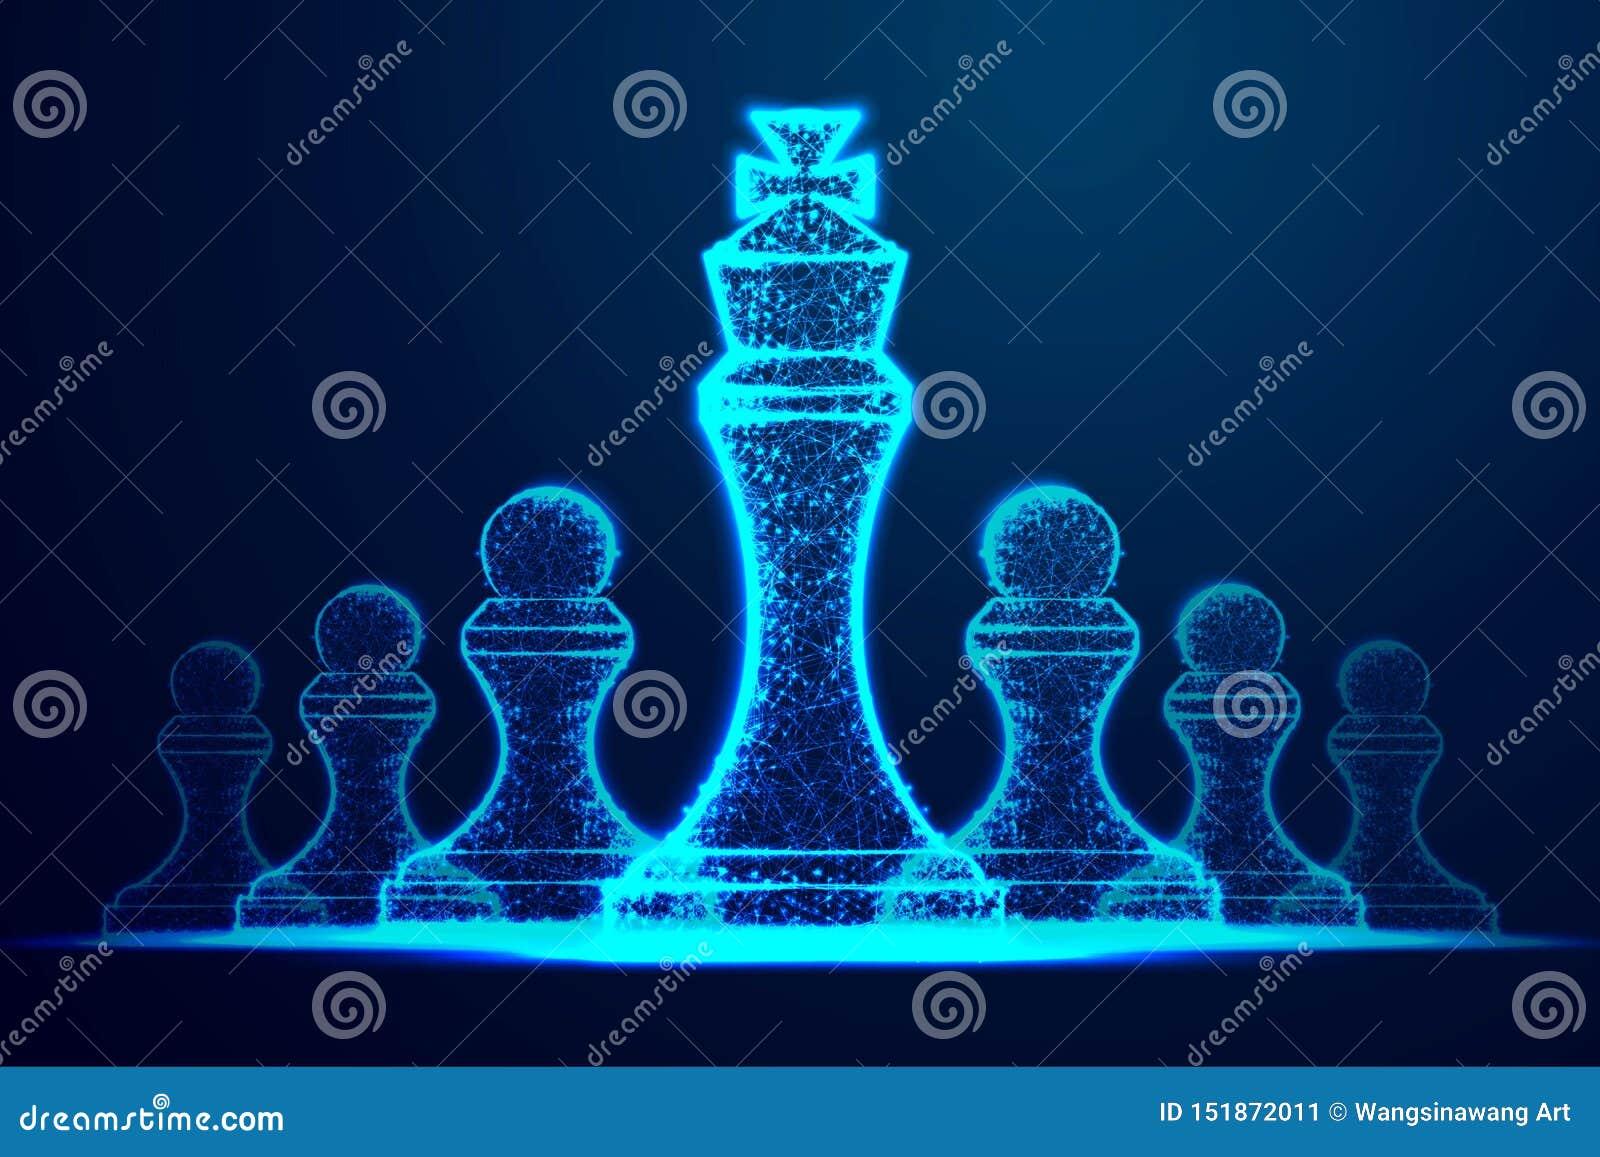 Έννοια επιτυχίας ηγετών αριθμός σκακιού βασίλισσας ως σύμβολο της ηγεσίας Επιτυχής πρόκληση Αφηρημένο σχέδιο wireframe Από